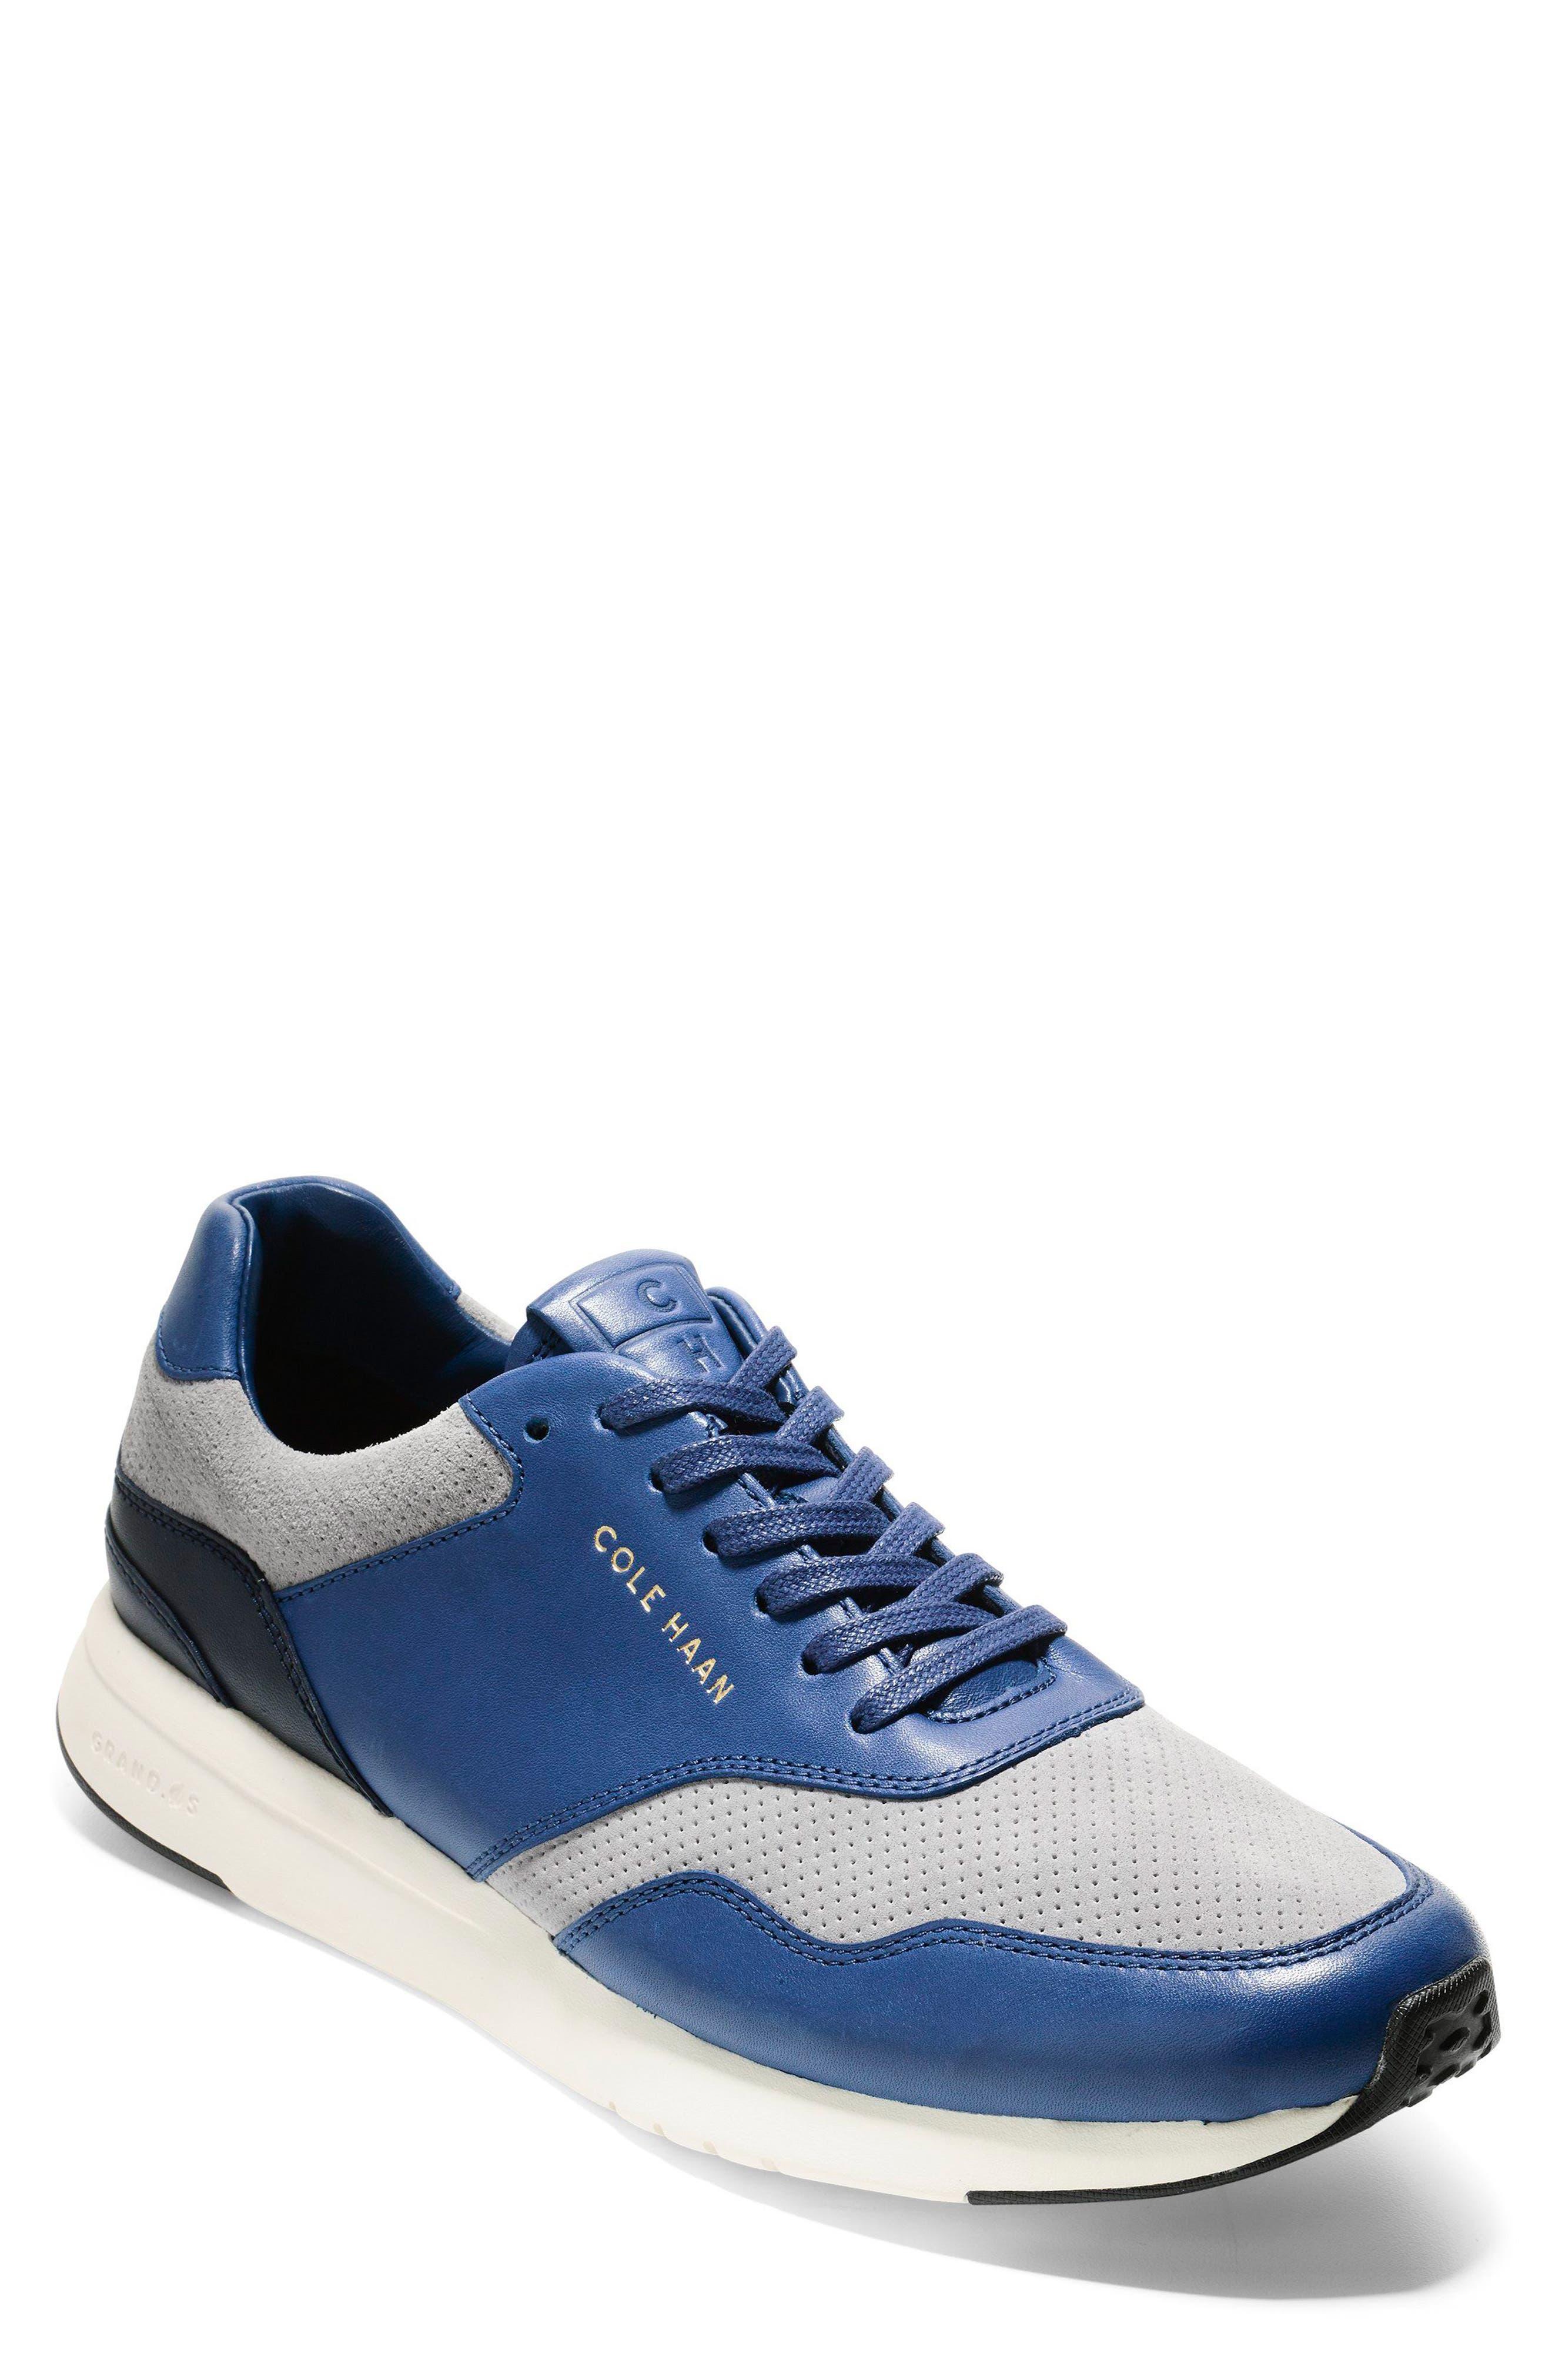 GrandPro Runner Sneaker,                             Main thumbnail 1, color,